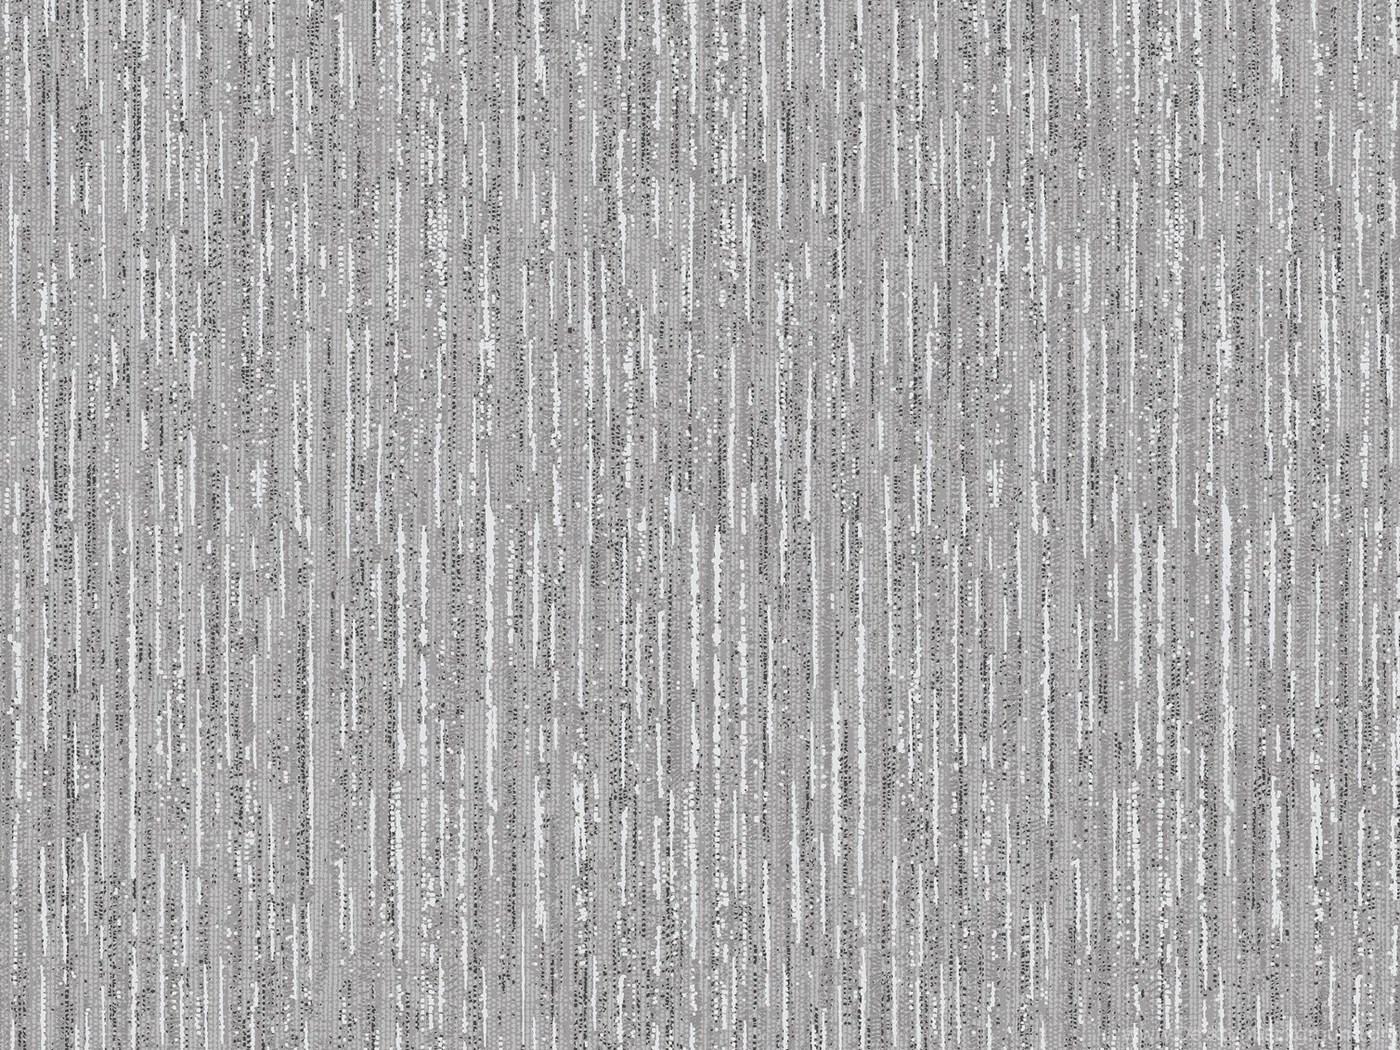 Crown Samsara Silver Grey Textured Blown Vinyl Wallpapers M0555